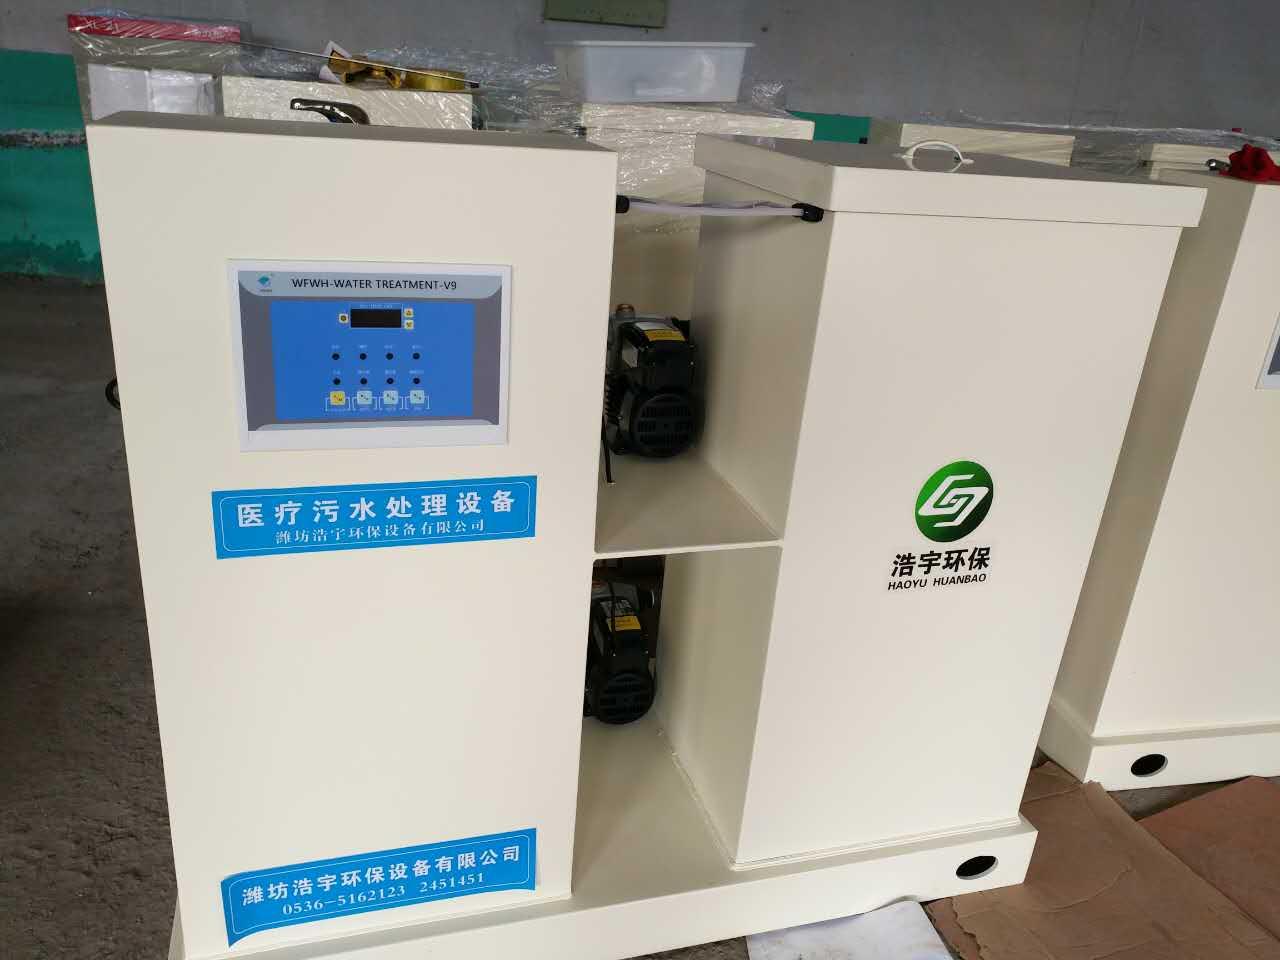 抽血检验科污水处理设备 <br> 全新  价格:16800 <br> <img src=http://k.kqzp.cn/img/up/img/5f0819799b687.jpg